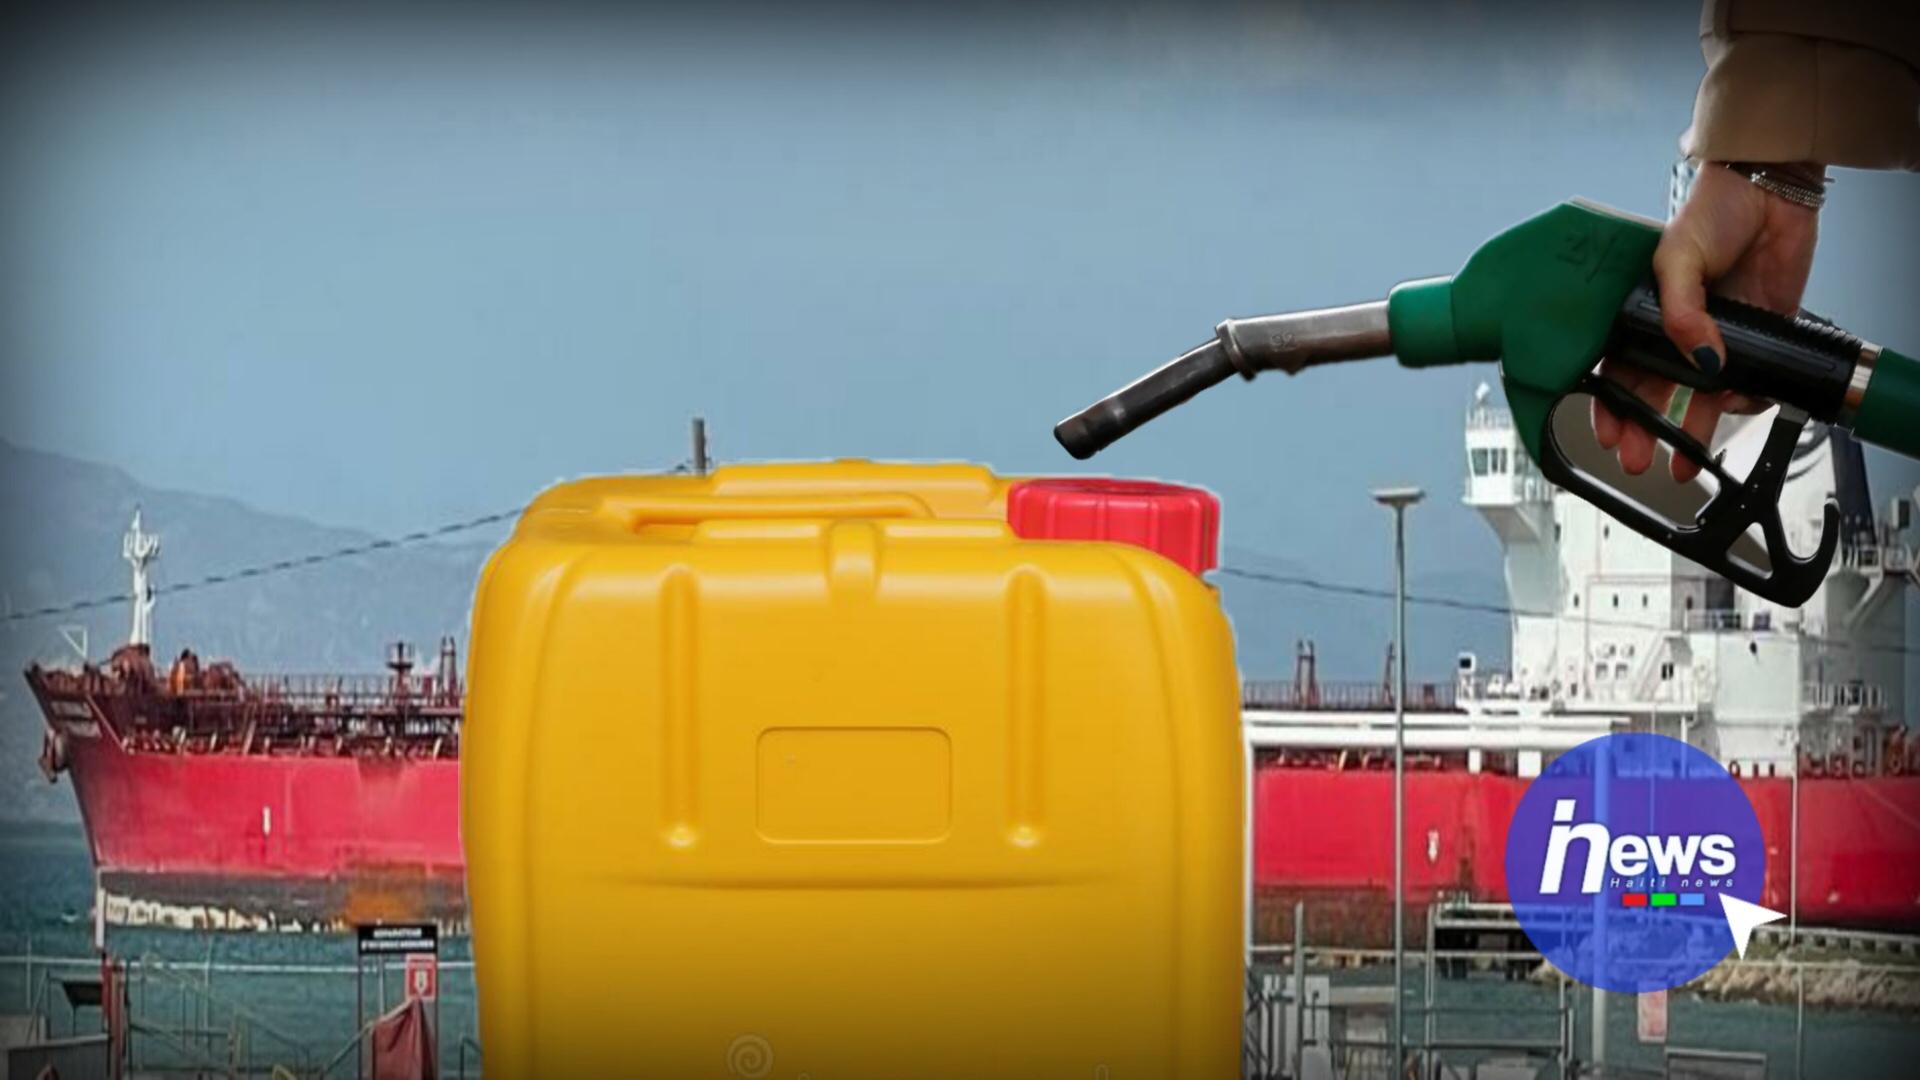 Une bonne nouvelle, le carburant est enfin arrivé sur le sol haïtien